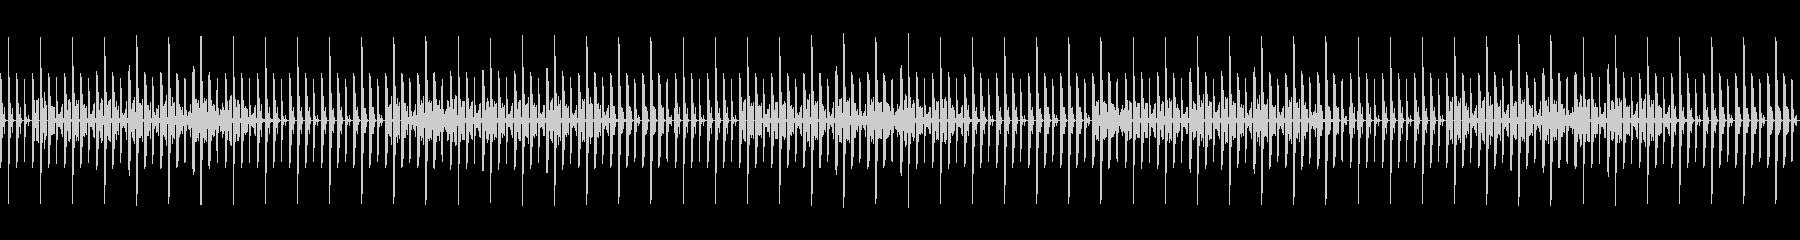 テクノ、ポップ、シンセ、ループの未再生の波形